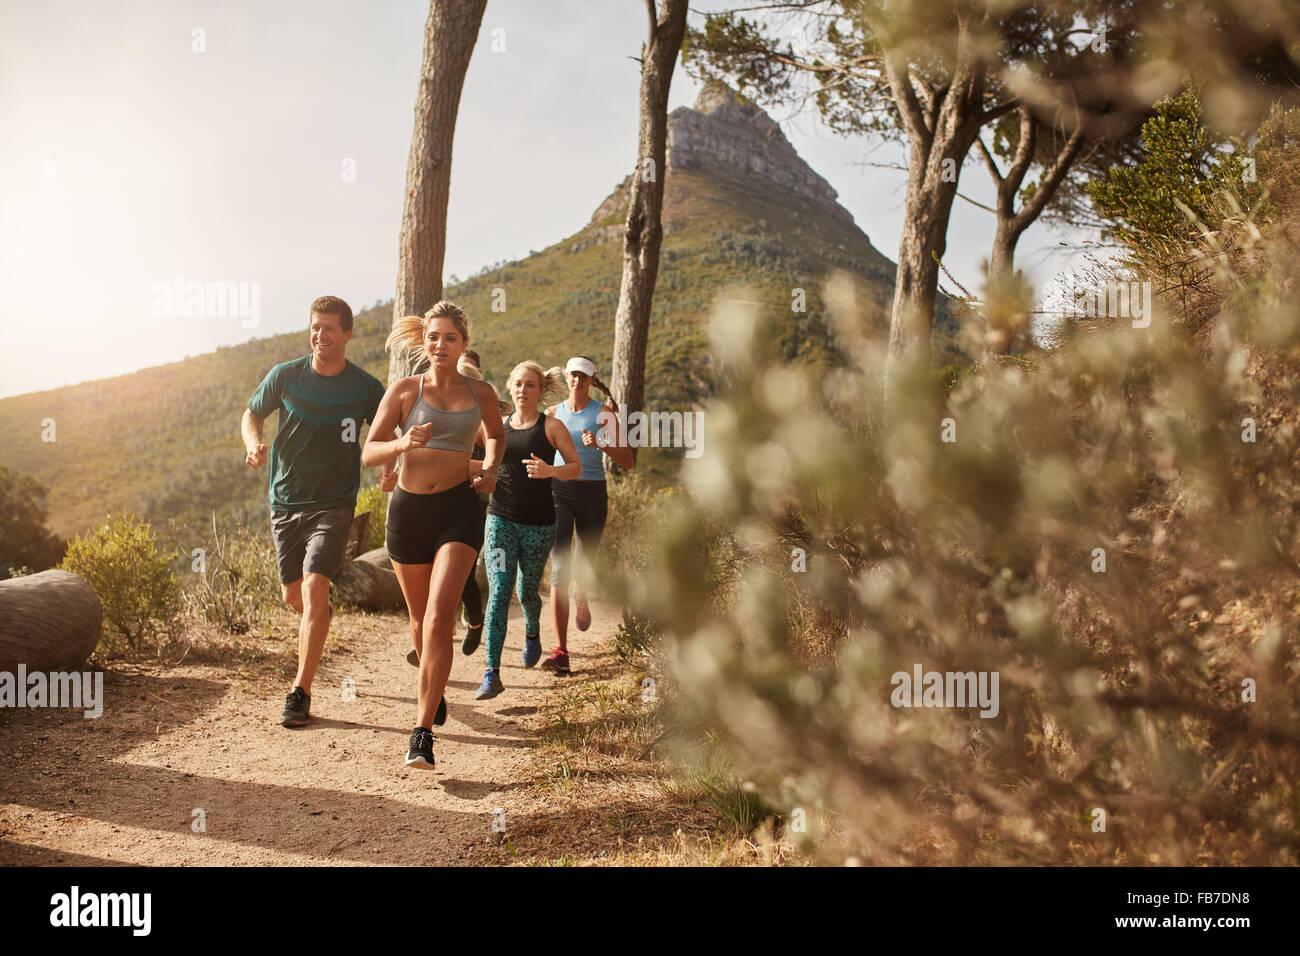 Un gruppo di giovani adulti e di formazione in esecuzione insieme attraverso sentieri sulla collina all'aperto Immagini Stock